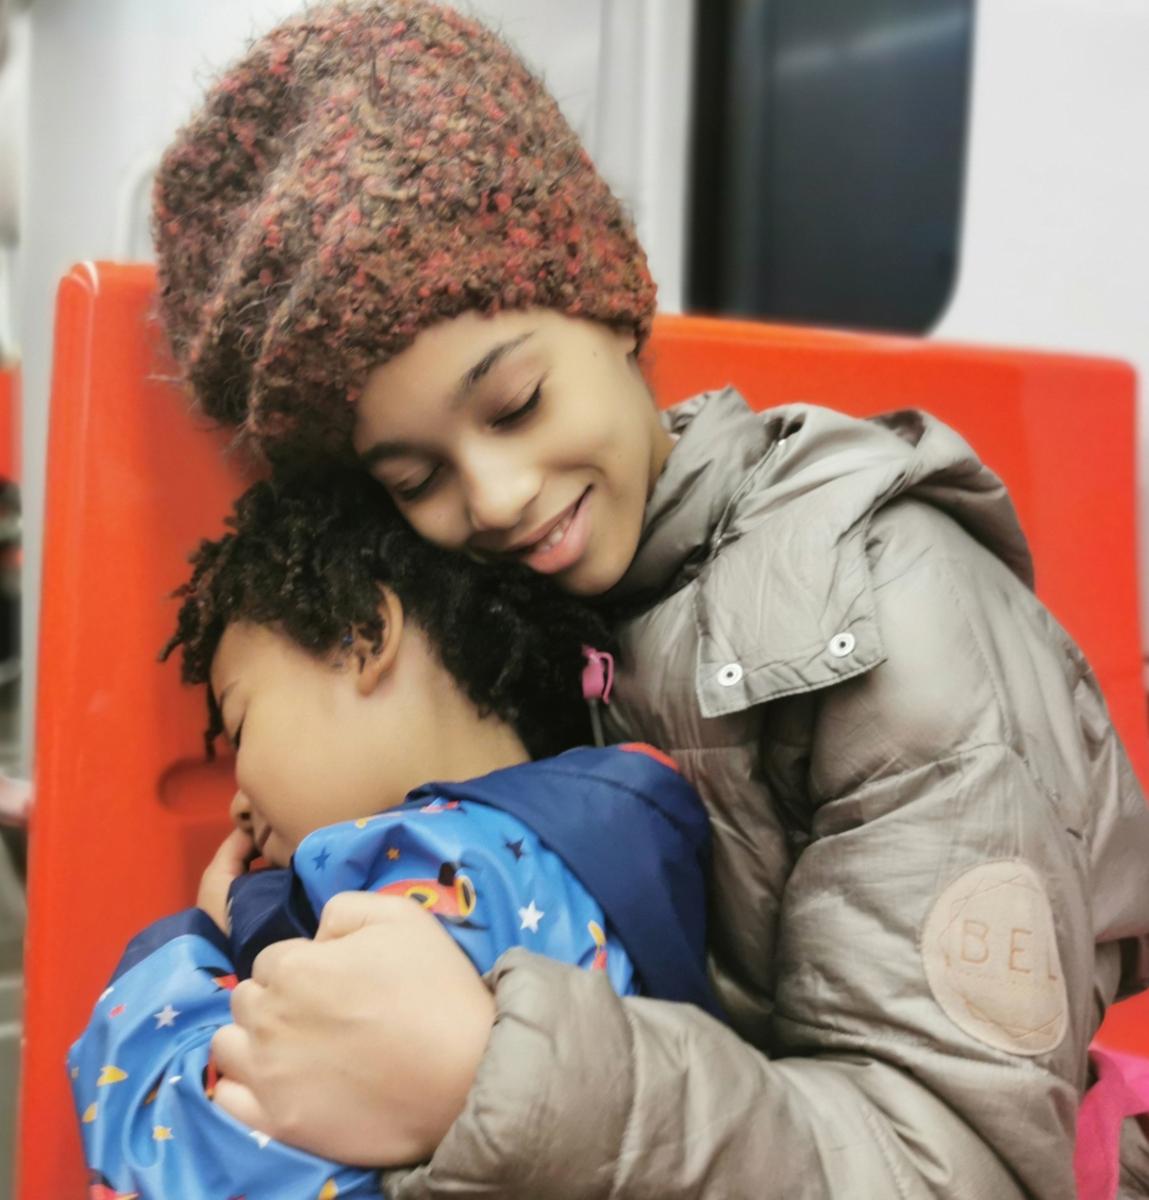 Sisarukset metrossa Helsingissä, kuvassa sisko halaa veljeä.